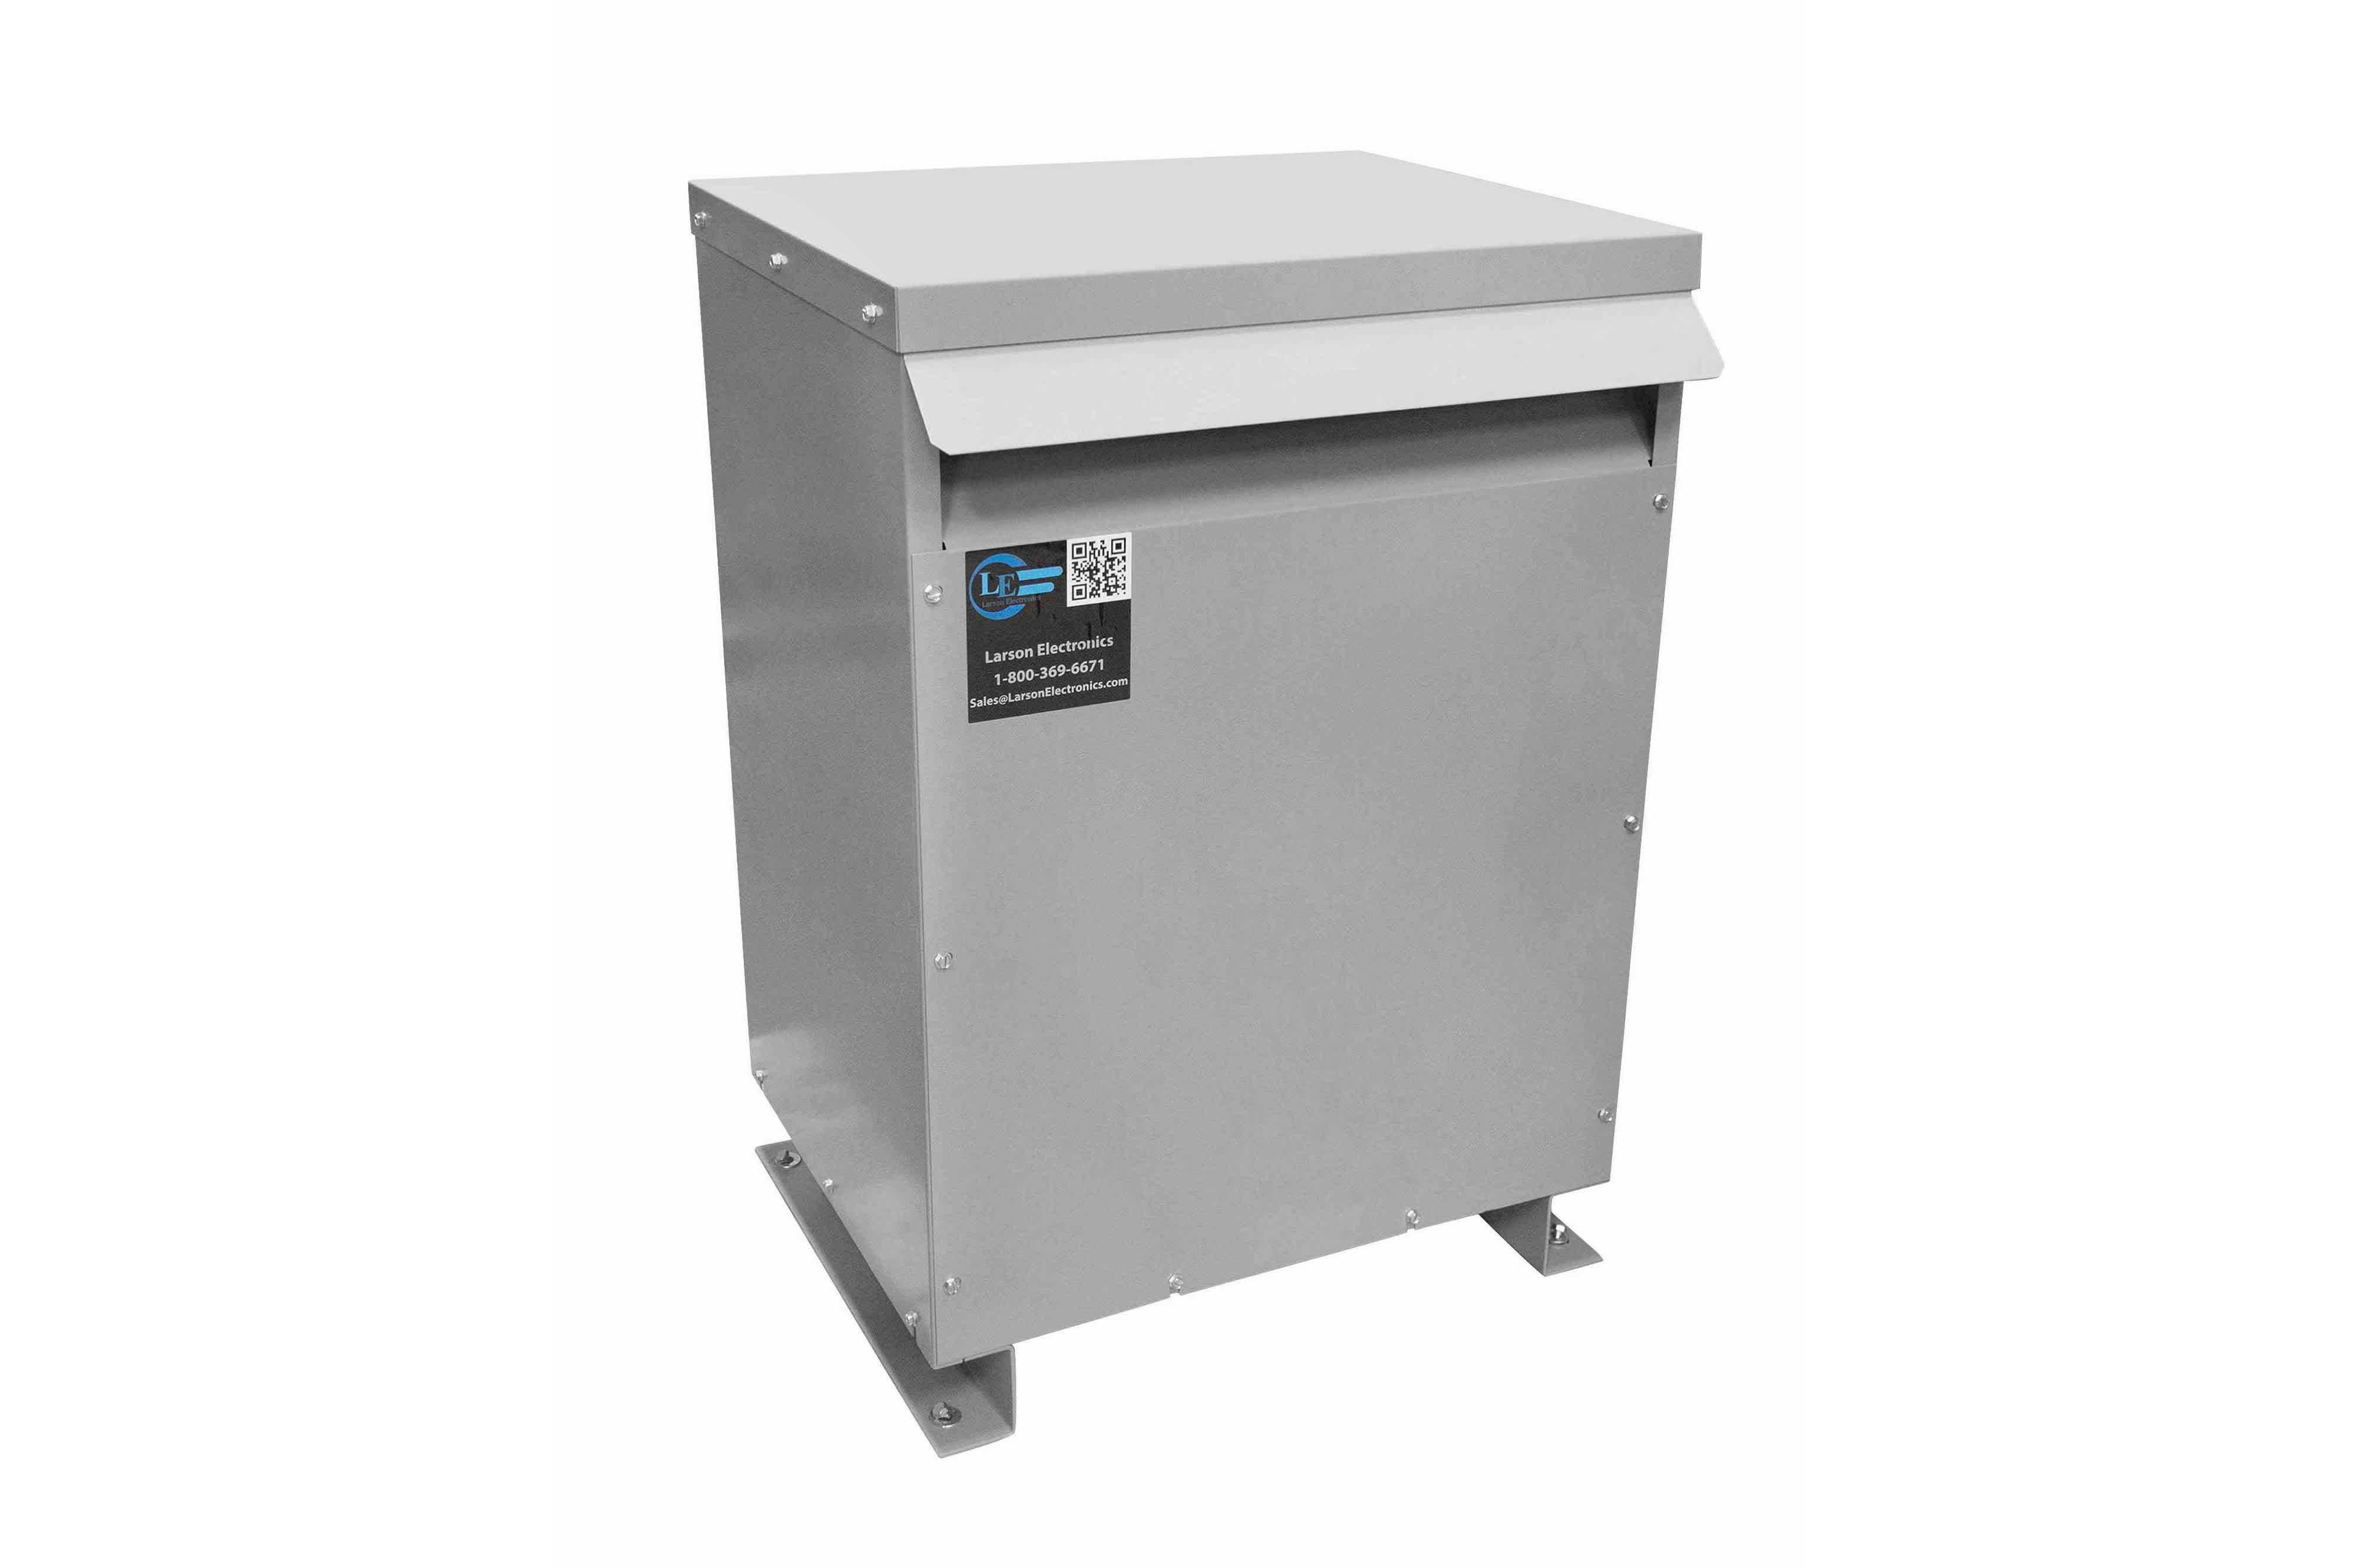 55 kVA 3PH Isolation Transformer, 380V Delta Primary, 480V Delta Secondary, N3R, Ventilated, 60 Hz